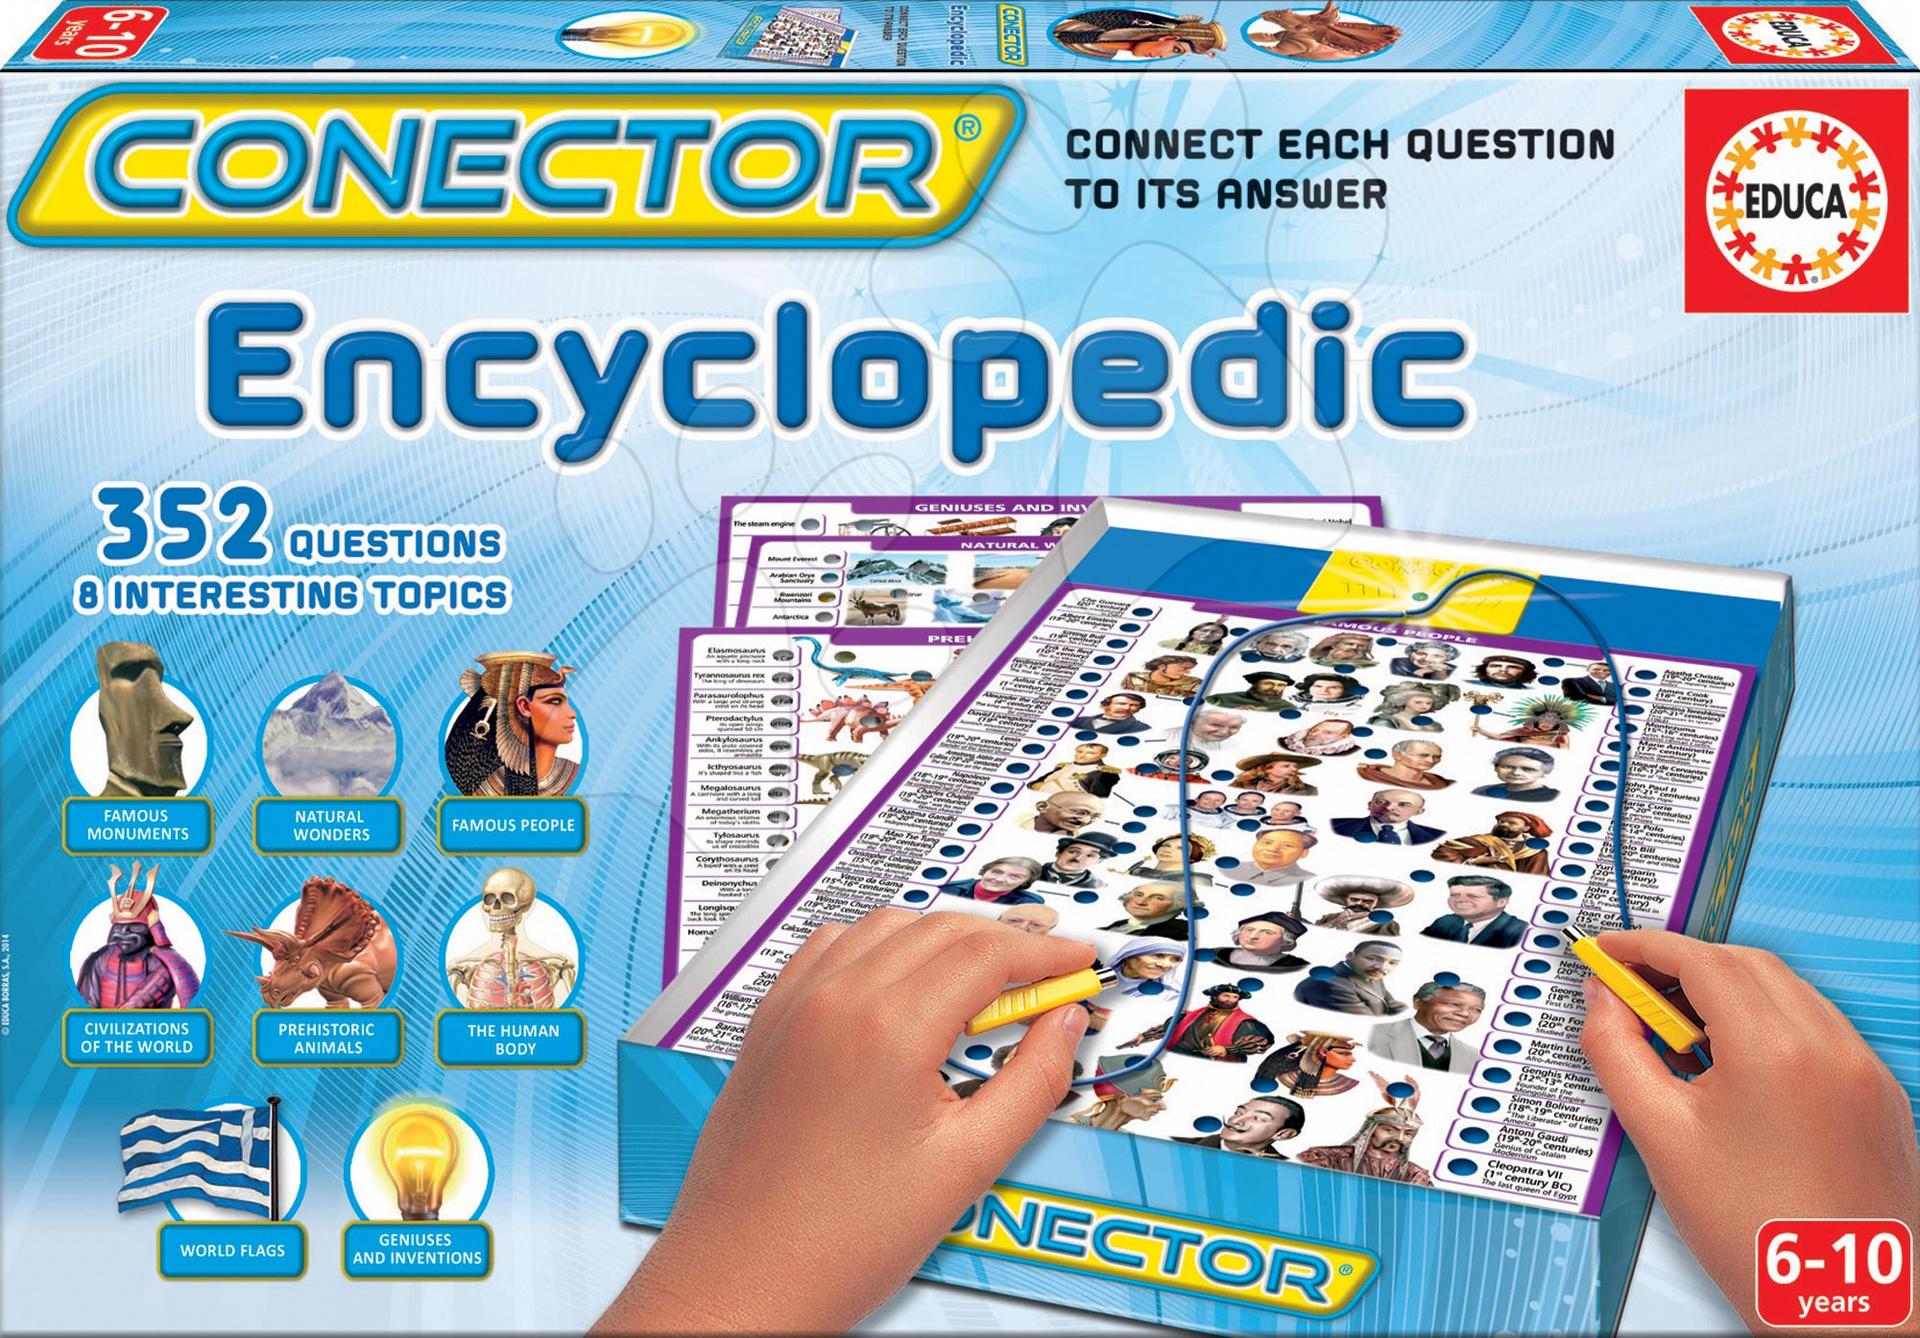 Cudzojazyčné spoločenské hry - Spoločenská hra Conector Encyclopedic Educa 352 otázok v angličtine od 6 rokov